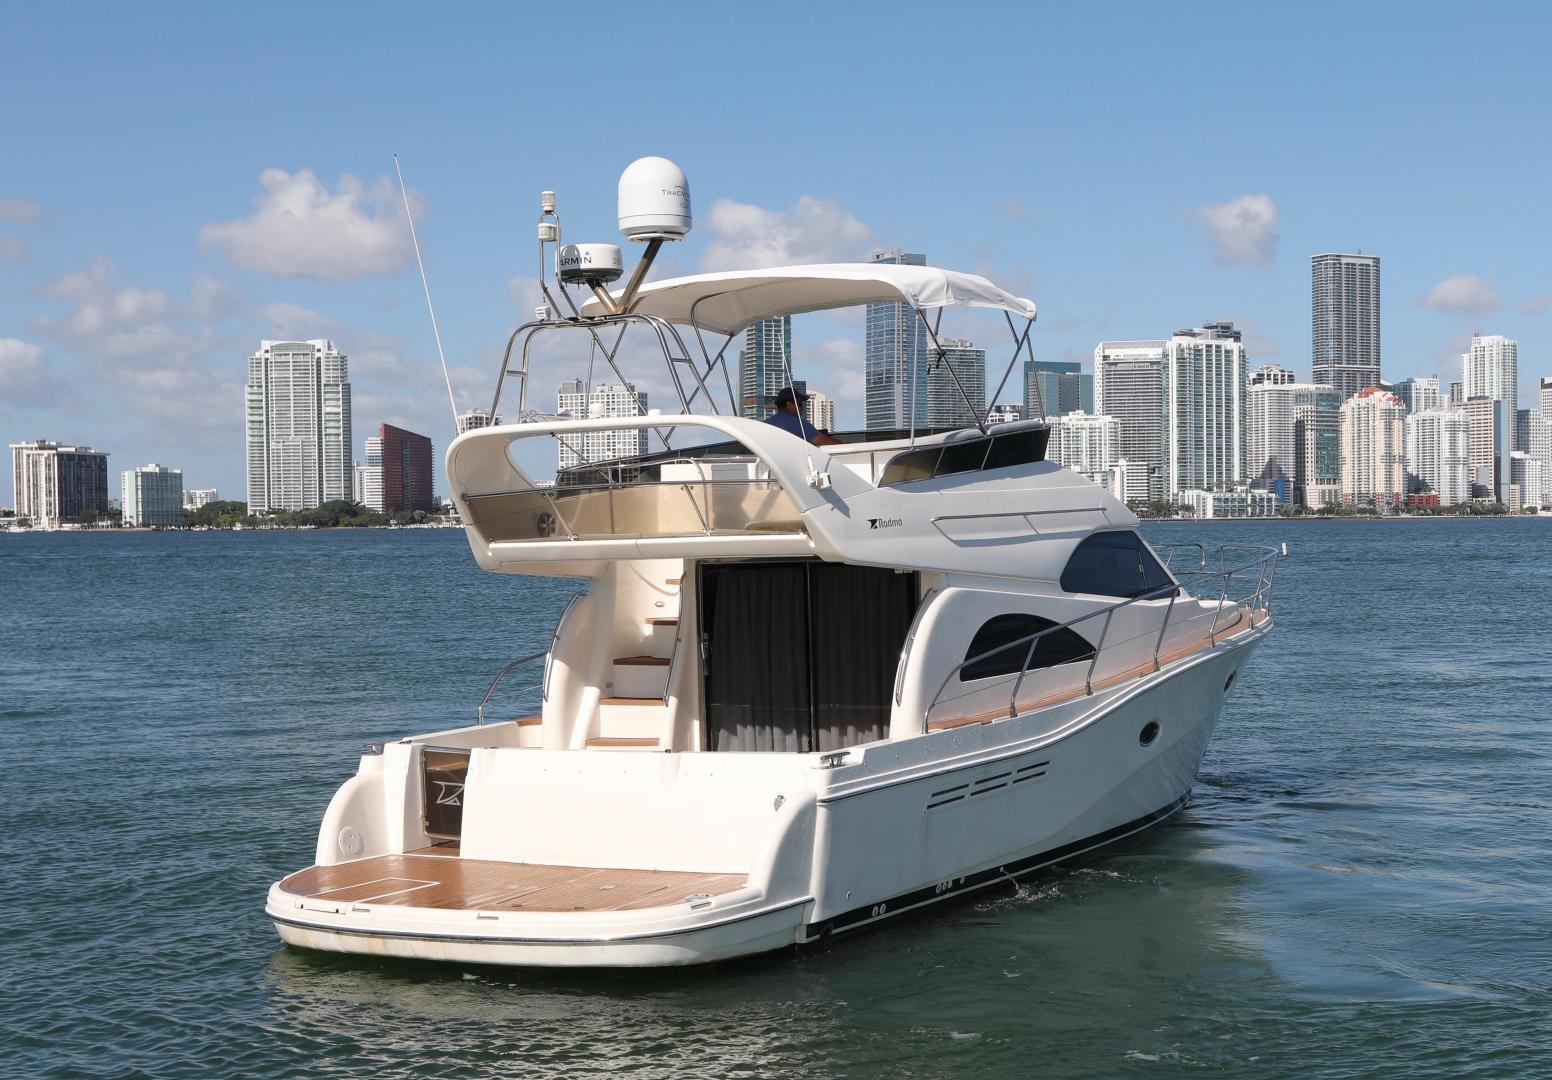 Rodman-Flybridge 2004-La Meli Miami Beach-Florida-United States-1566542 | Thumbnail